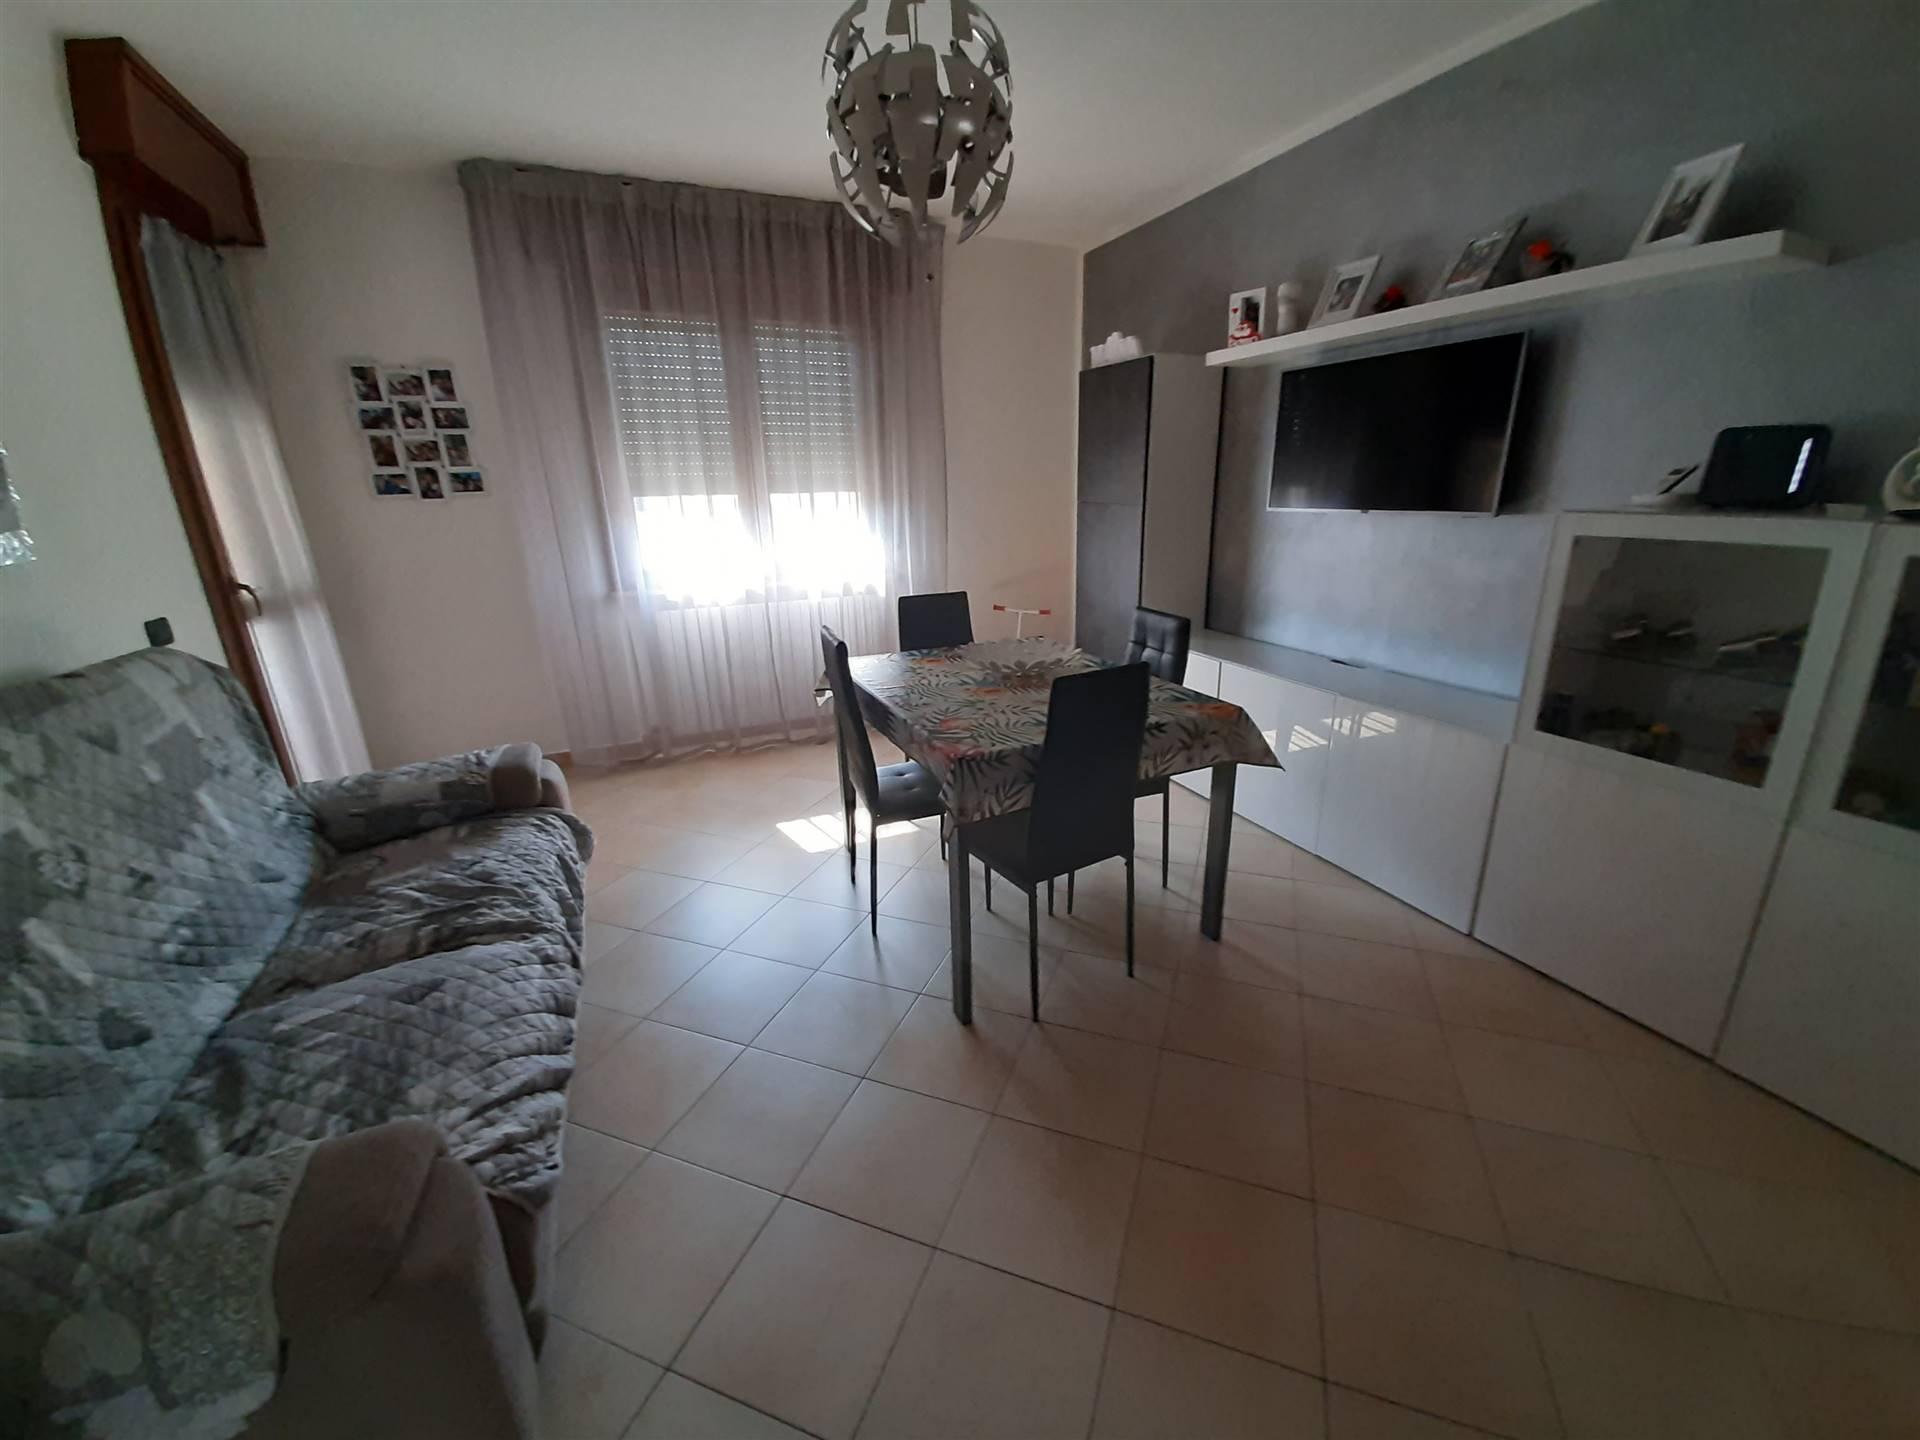 Appartamento in vendita a Suzzara, 3 locali, prezzo € 89.000 | CambioCasa.it